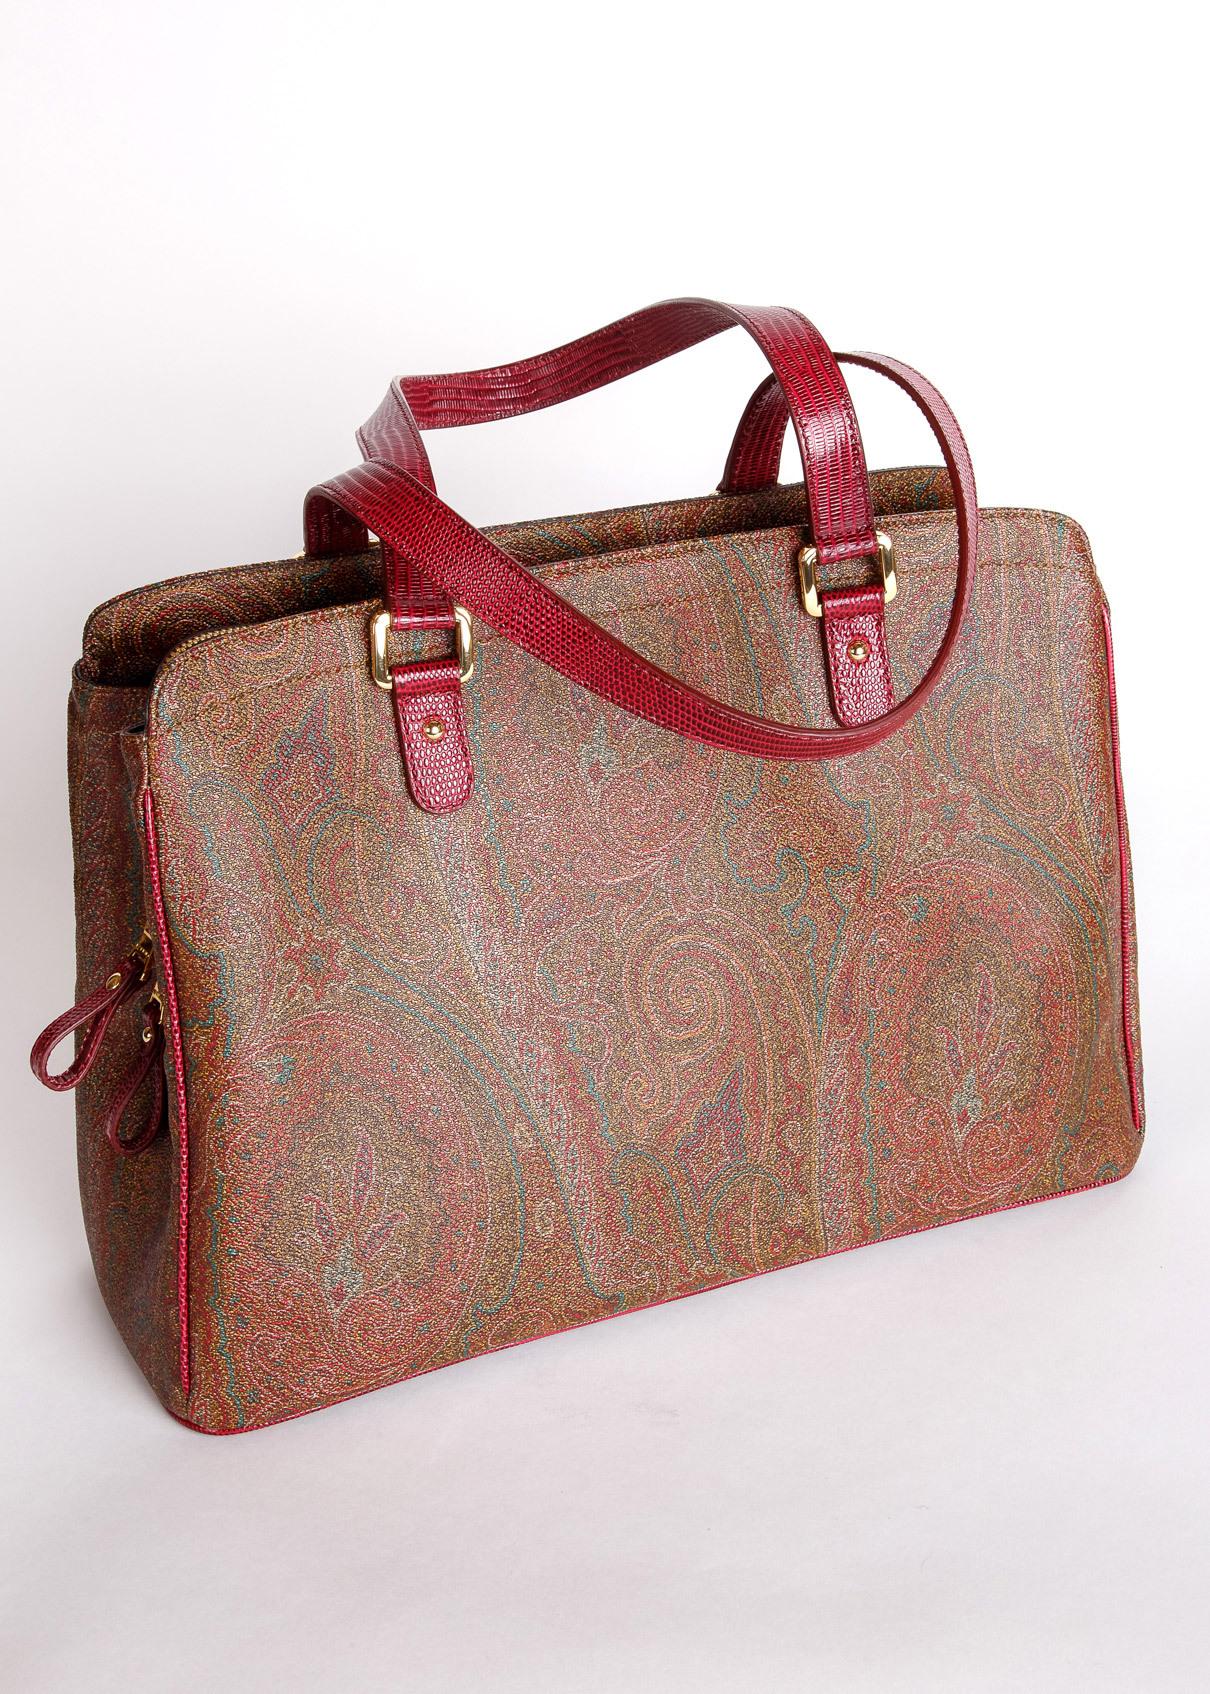 Etro для женщин: купить сумки, рубашки, одежду и